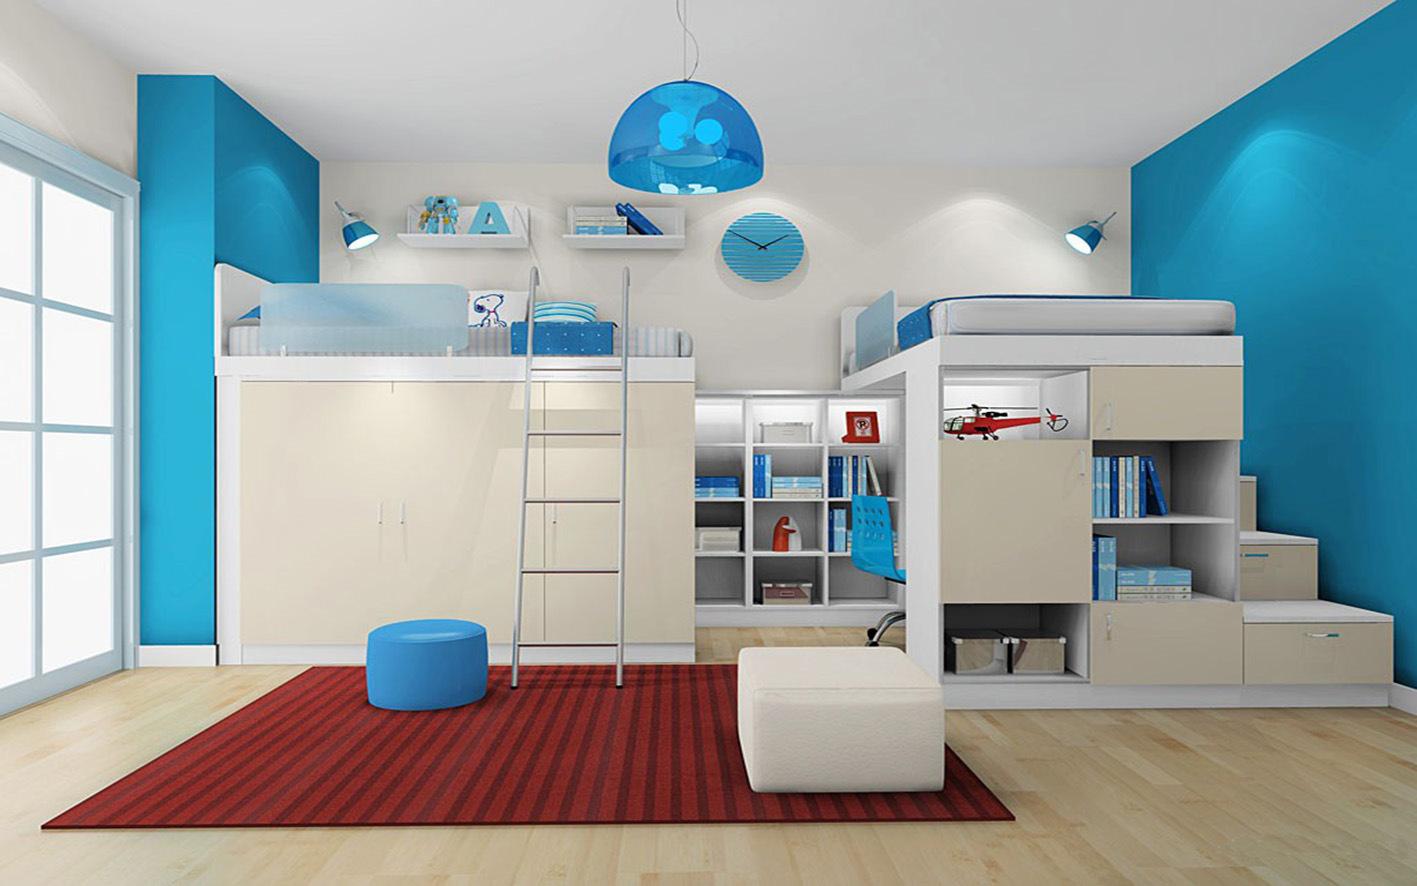 Italianos inicio melamina muebles de dormitorio cama para for Muebles bajos dormitorio para adultos